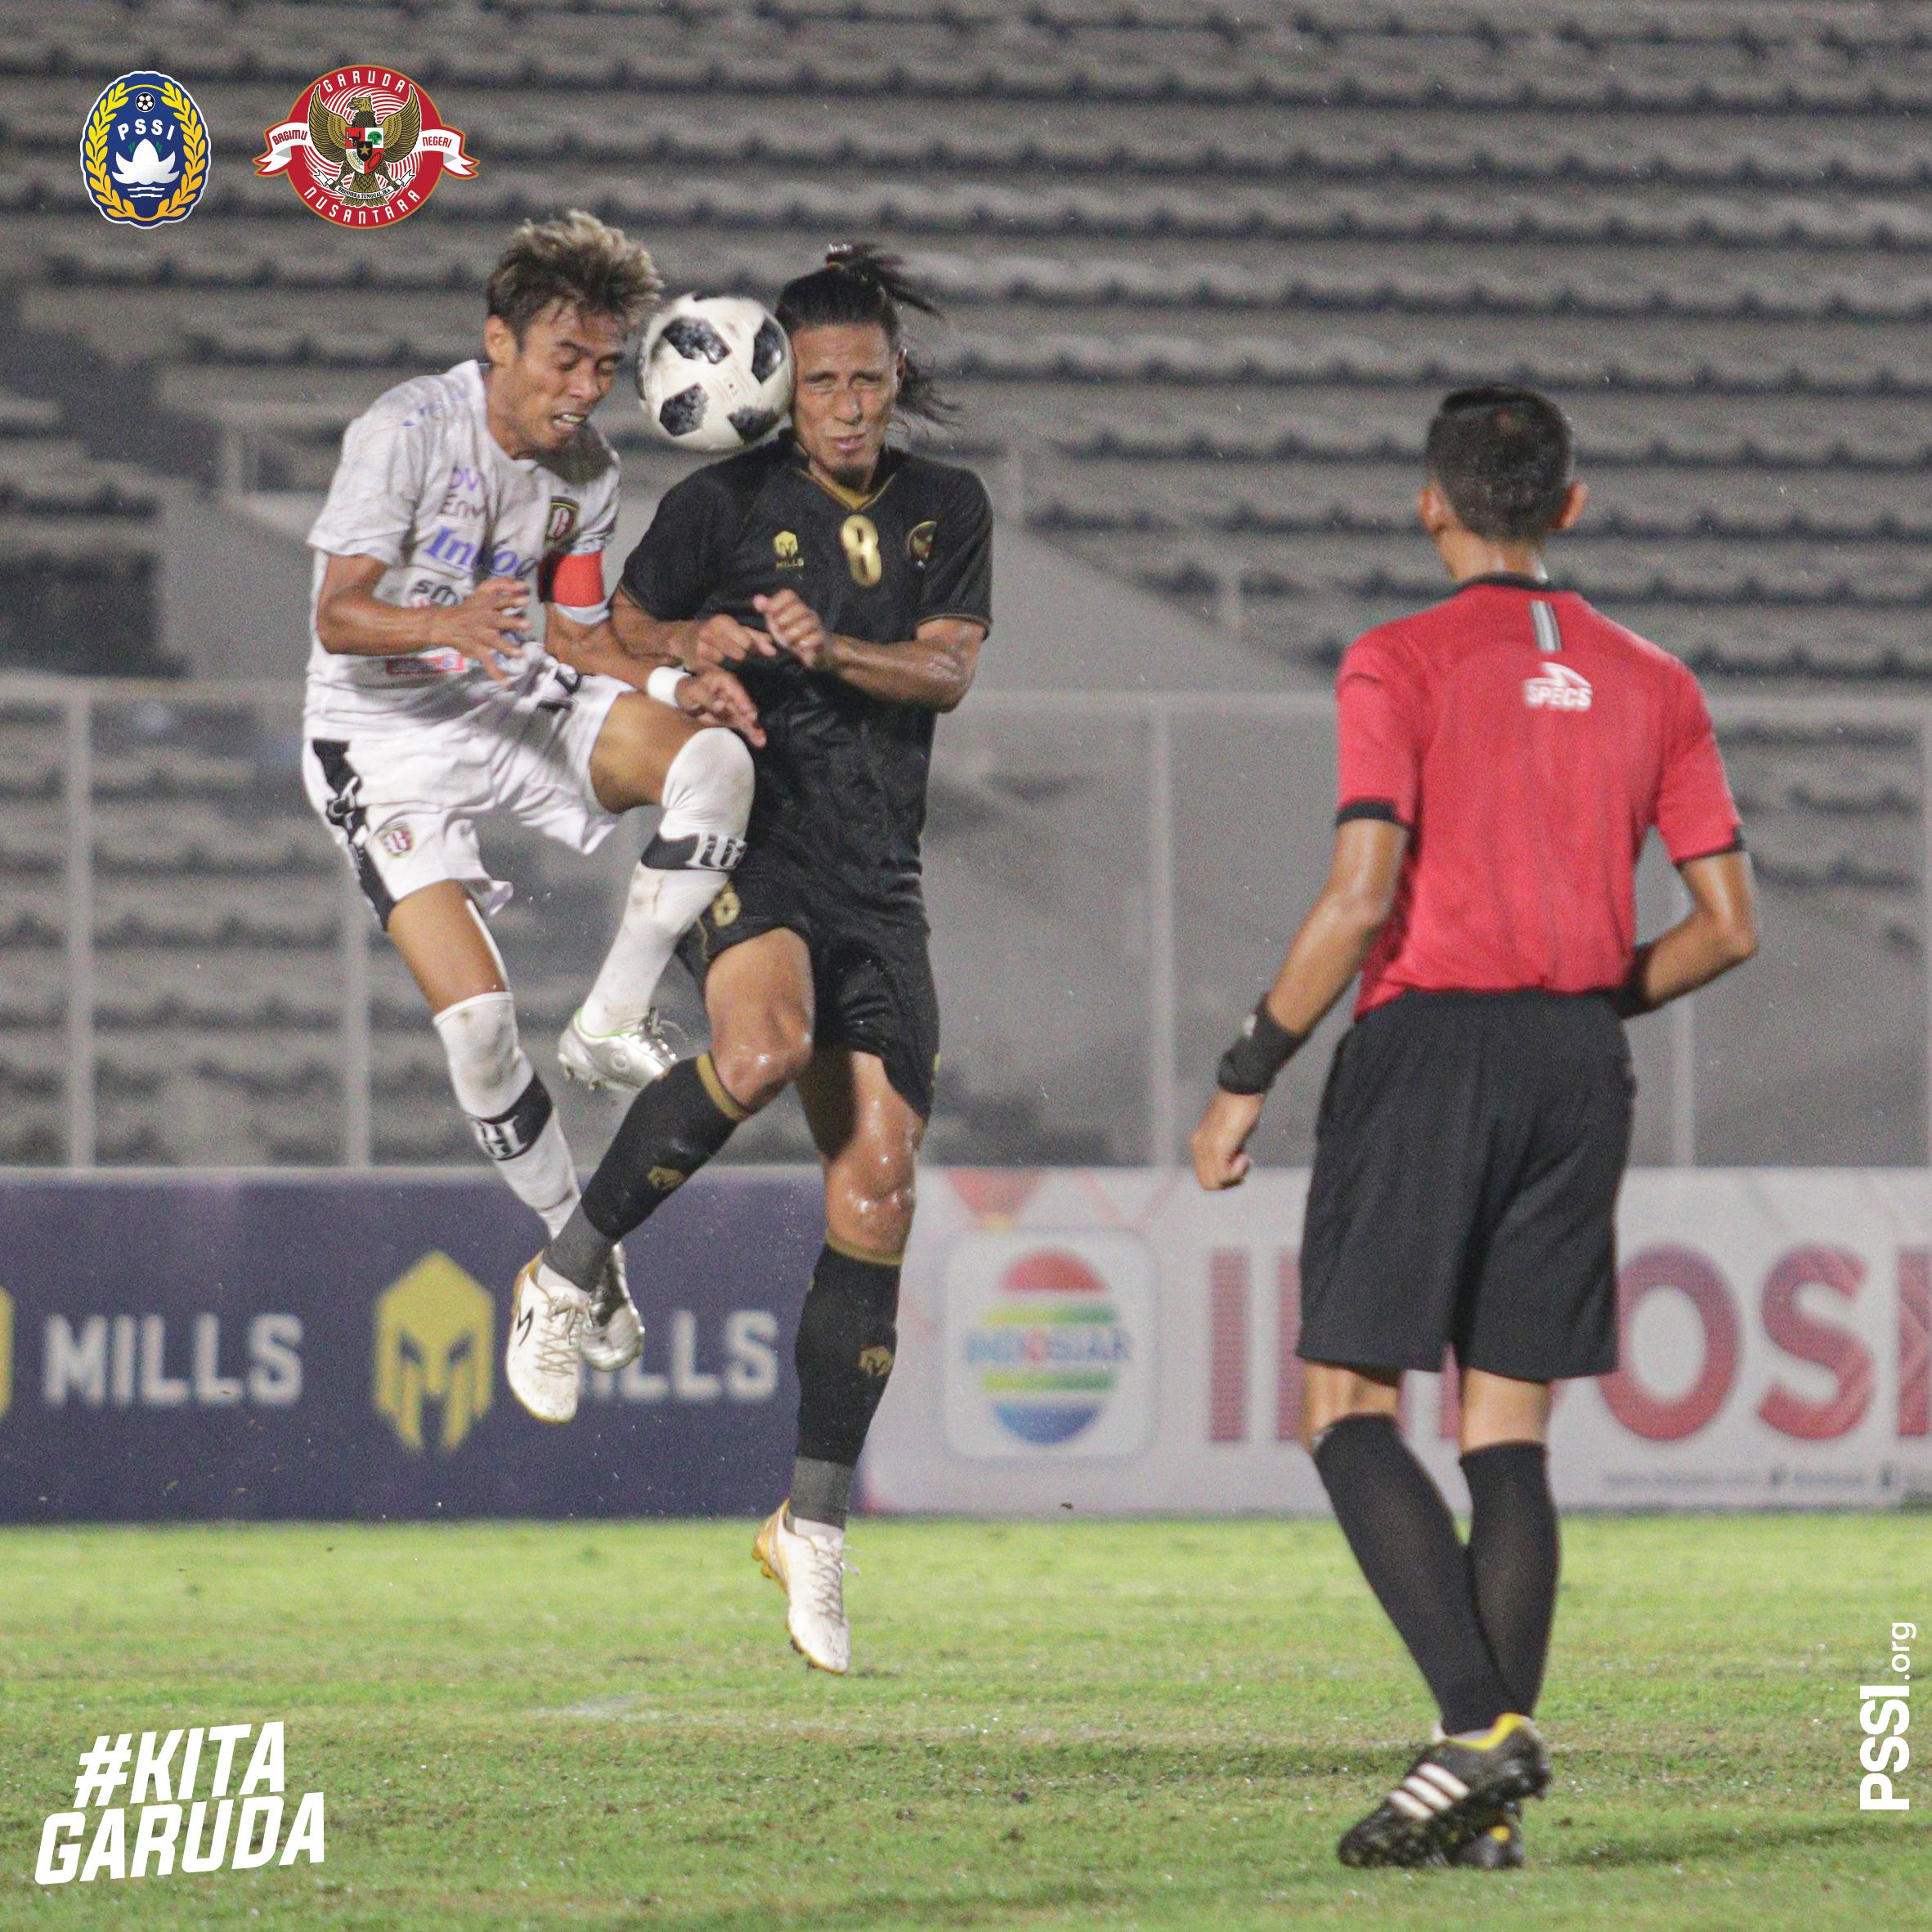 Duel udara Pemain Timnas U23 duel dengan pemain Bali United